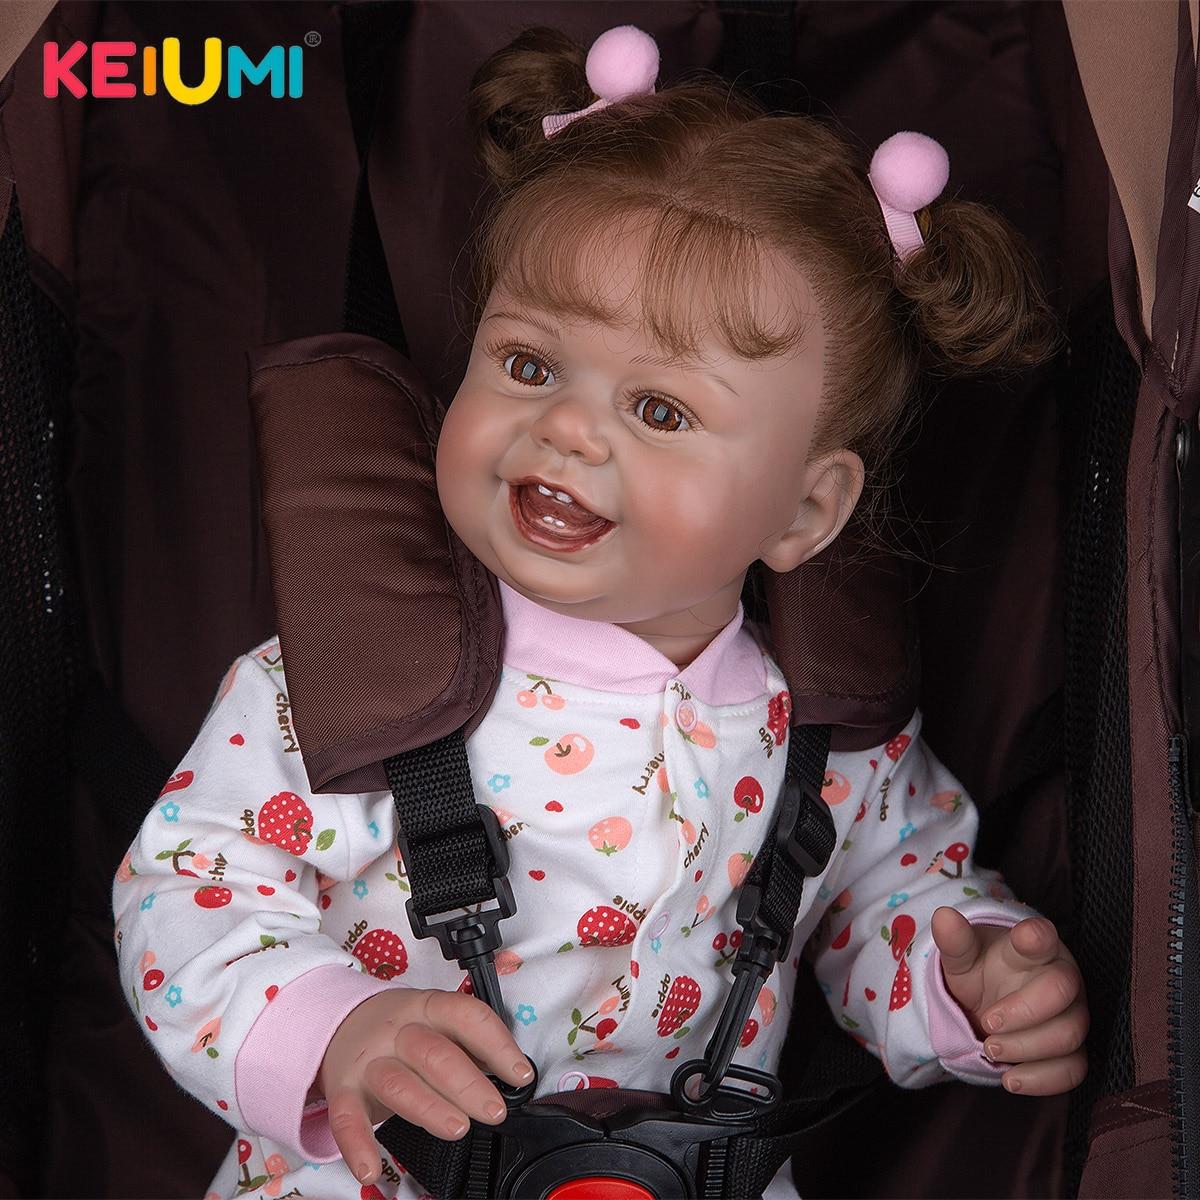 27 zoll Glücklich Lächeln Reborn Baby Puppen Kleinkind Tuch Körper Hand Paitning Verwurzelt Haar Newbron Puppe Spielzeug Für Kinder Geburtstag geschenke